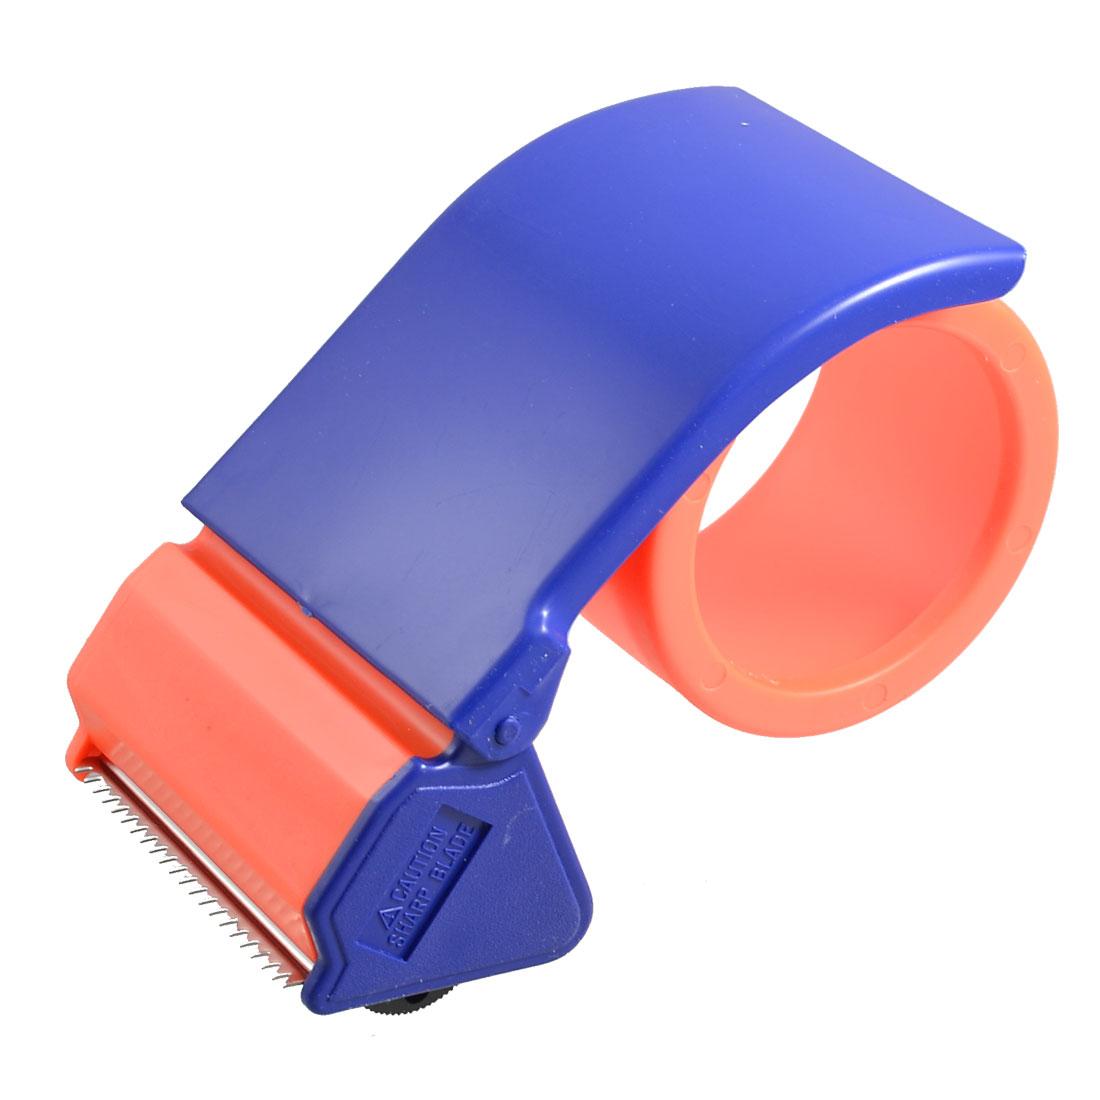 Orange Plastic Roller Sealing Parcel 2.5 inch Wide Tape Cutter Dispenser